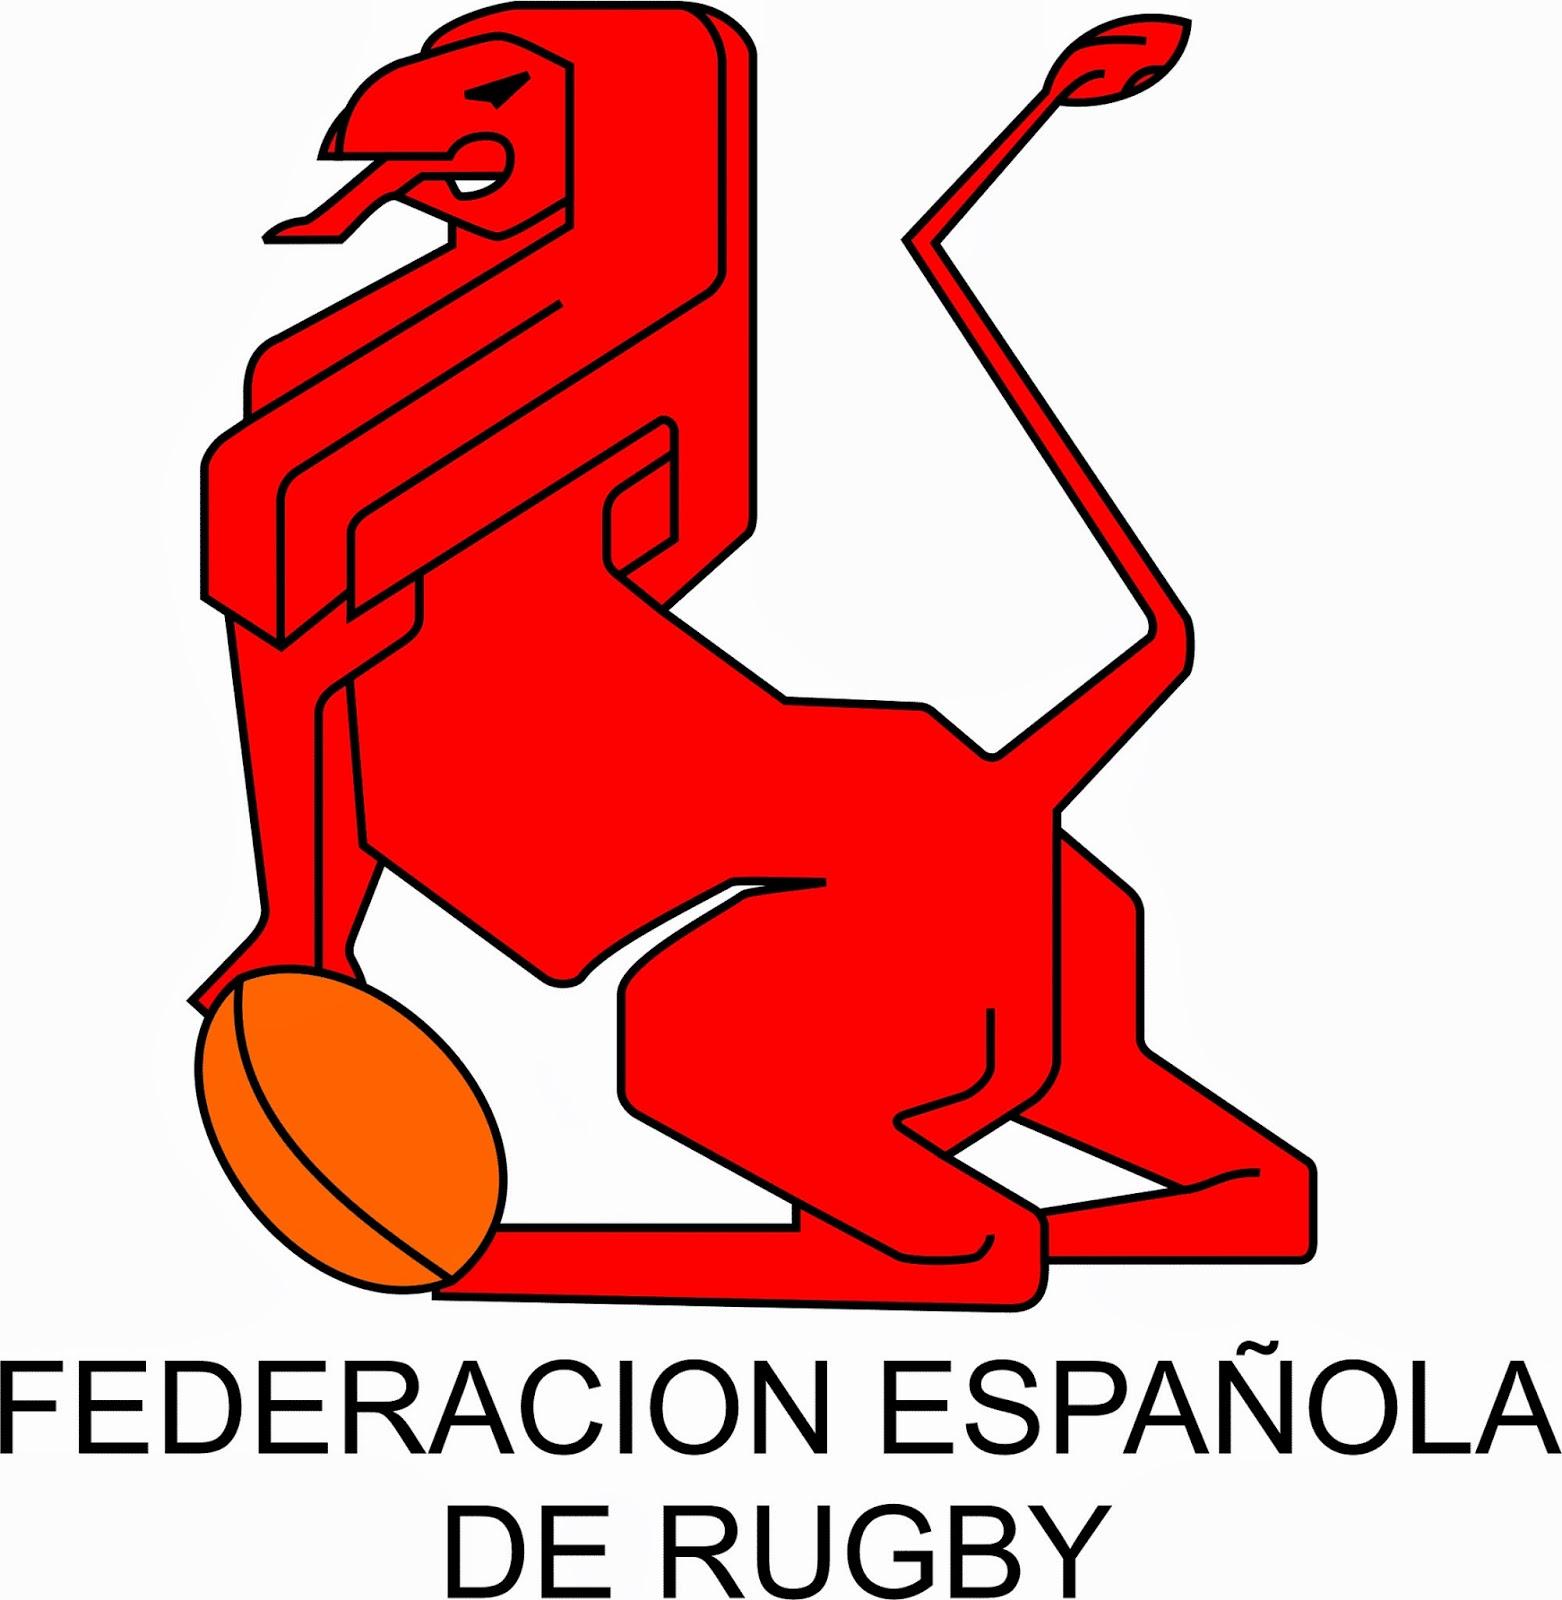 http://www.ferugby.es/